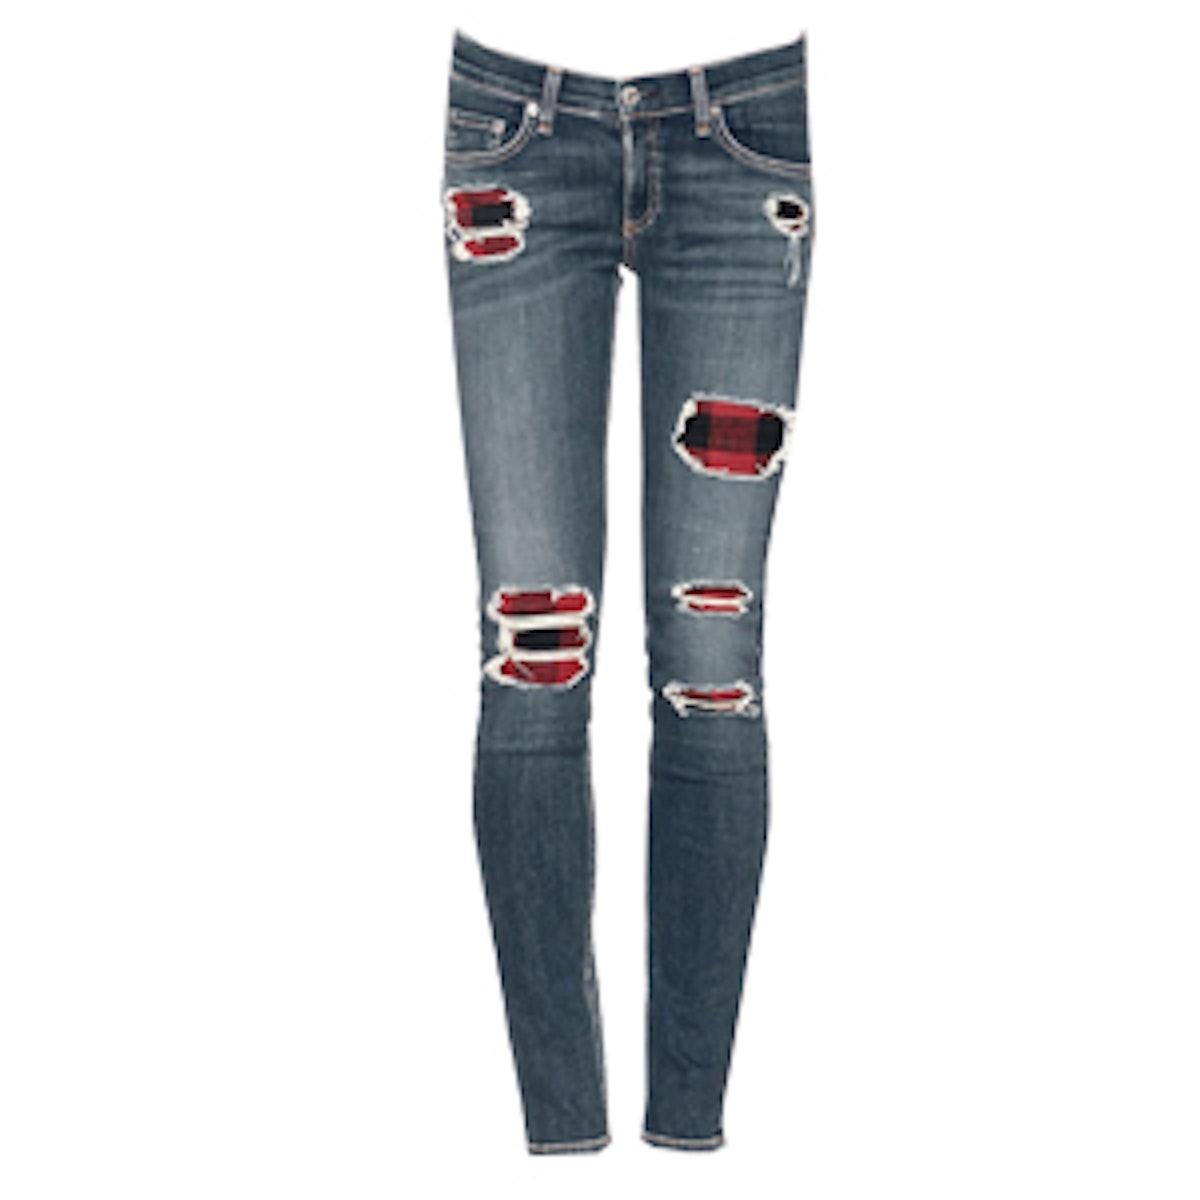 Distressed Tartan Jeans